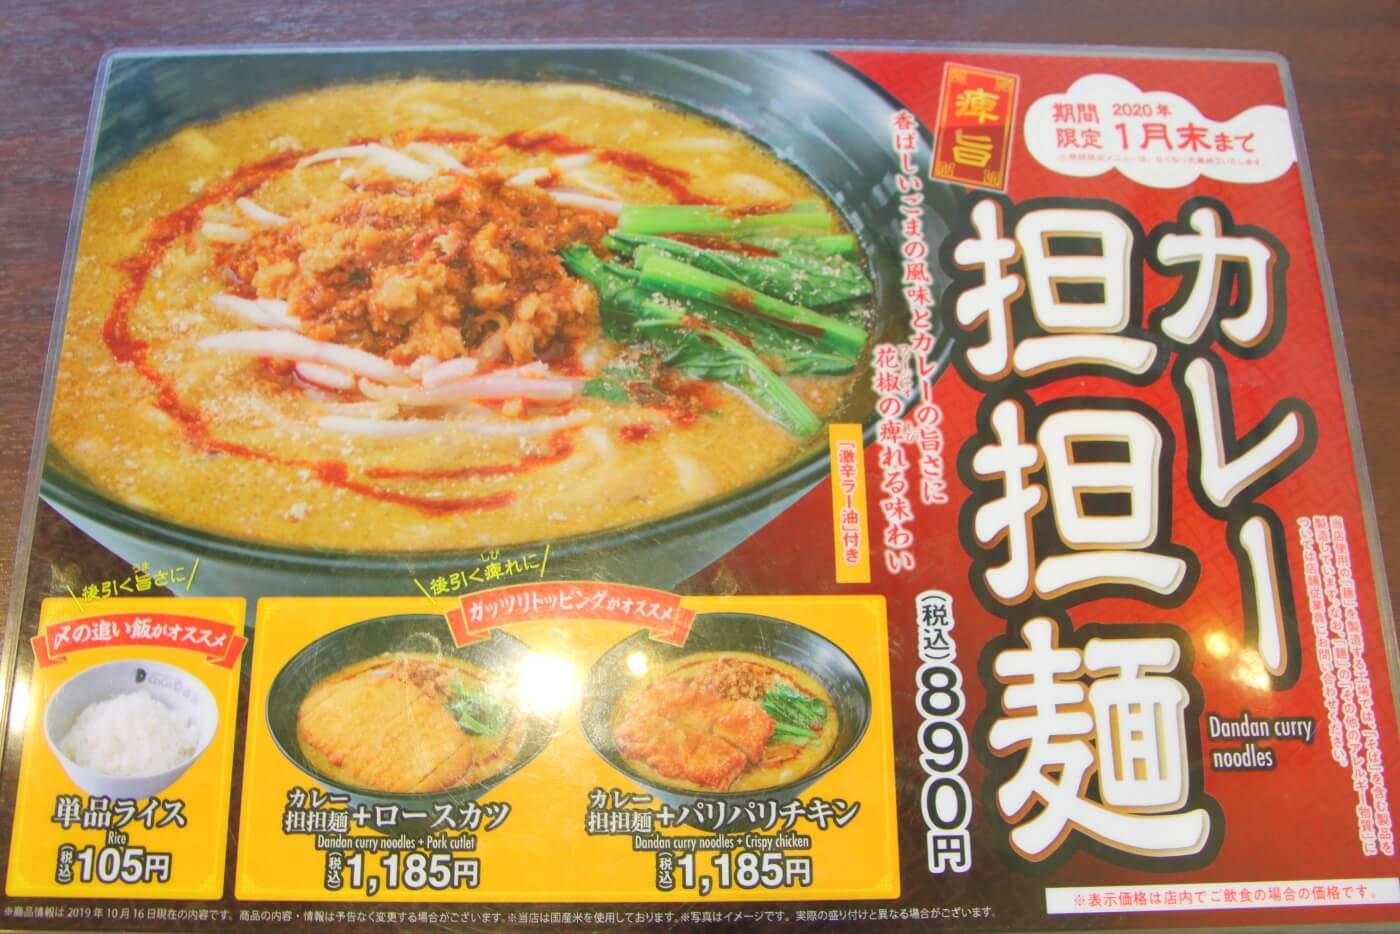 ココイチ カレー担々麺のメニュー